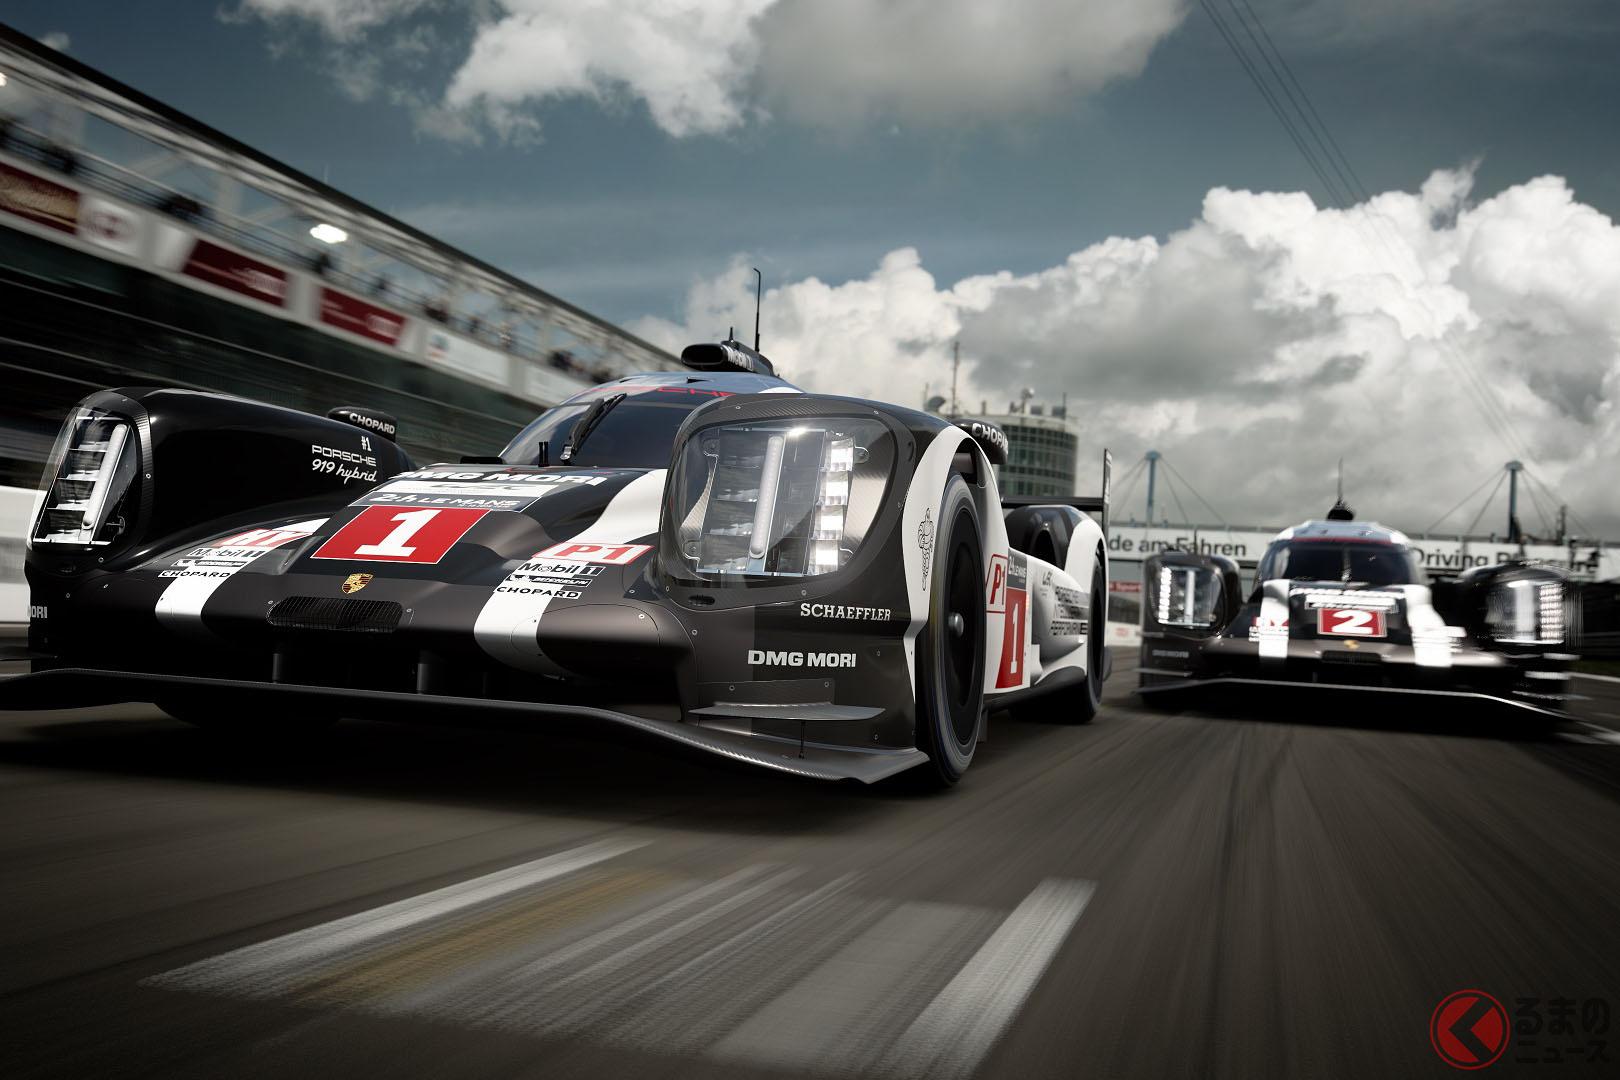 9月19日のRd.2の舞台はサルトサーキット、「919 Hybrid (Porsche Team)'16」で争われるcopyright 2019 Sony Interactive Entertainment Inc. Developed by Polyphony